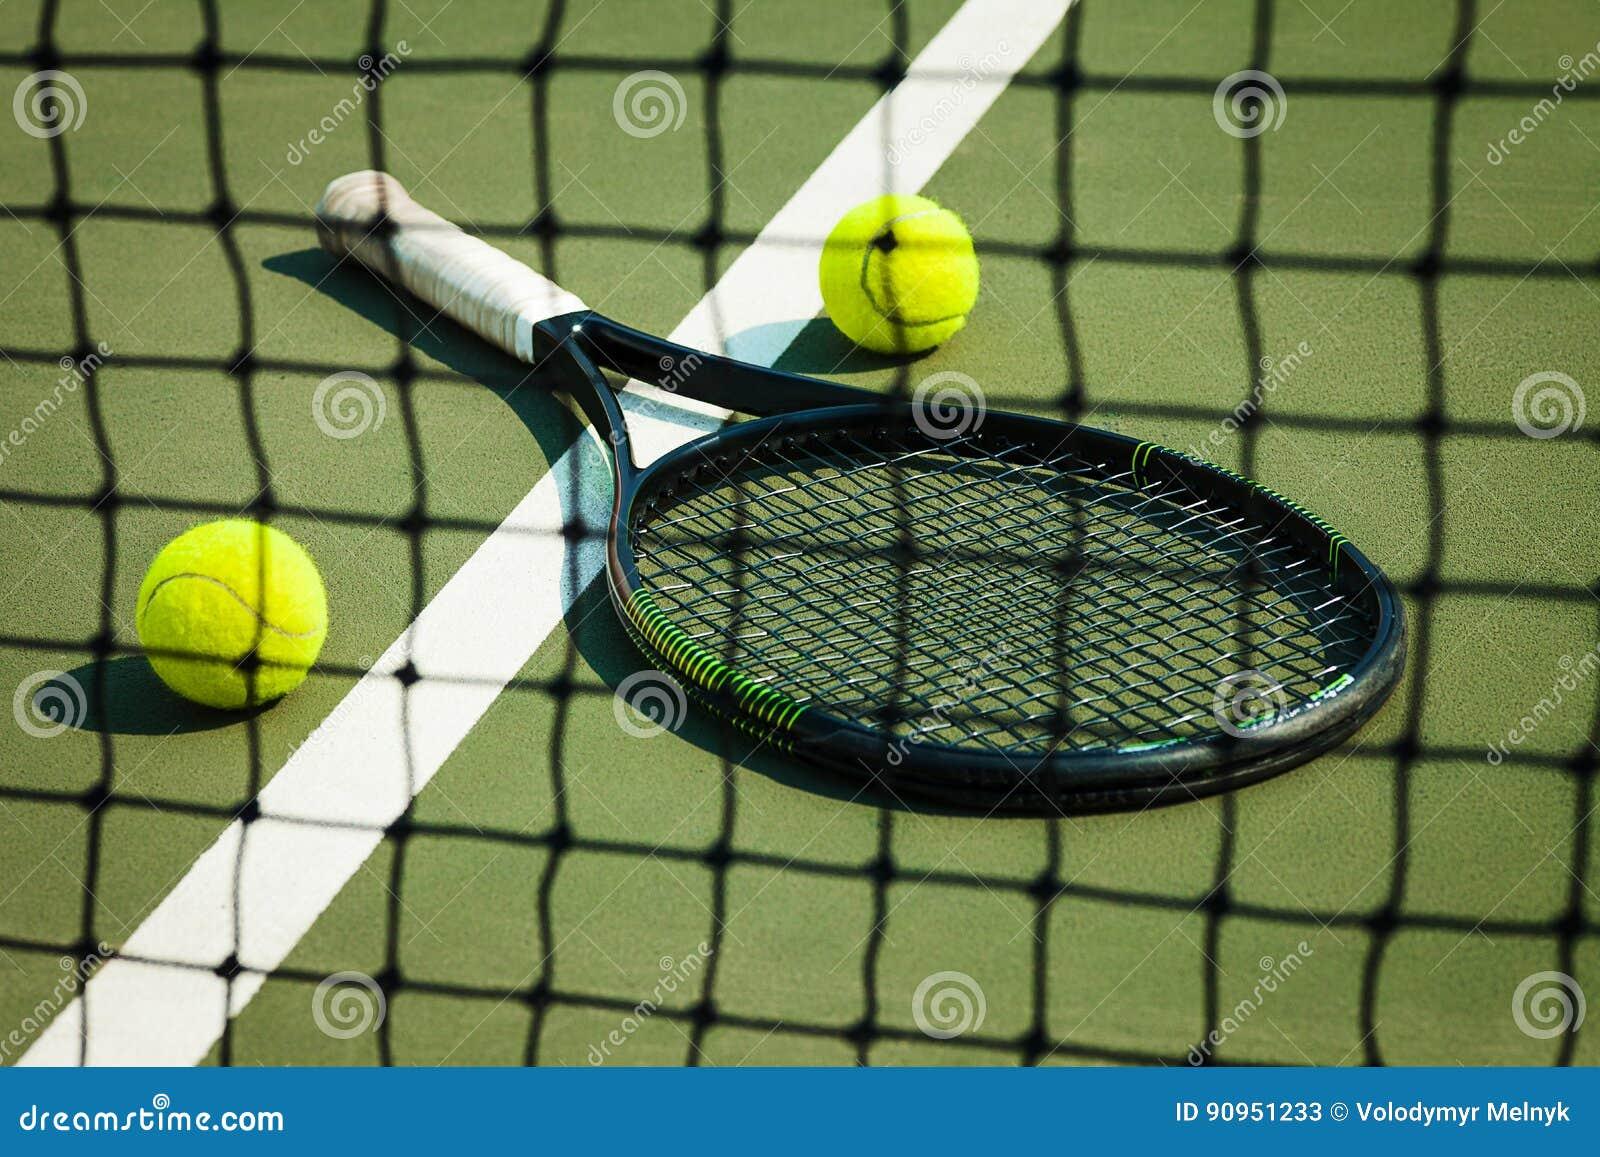 Der Tennisball Auf Einem Tennisplatz Stockbild - Bild von